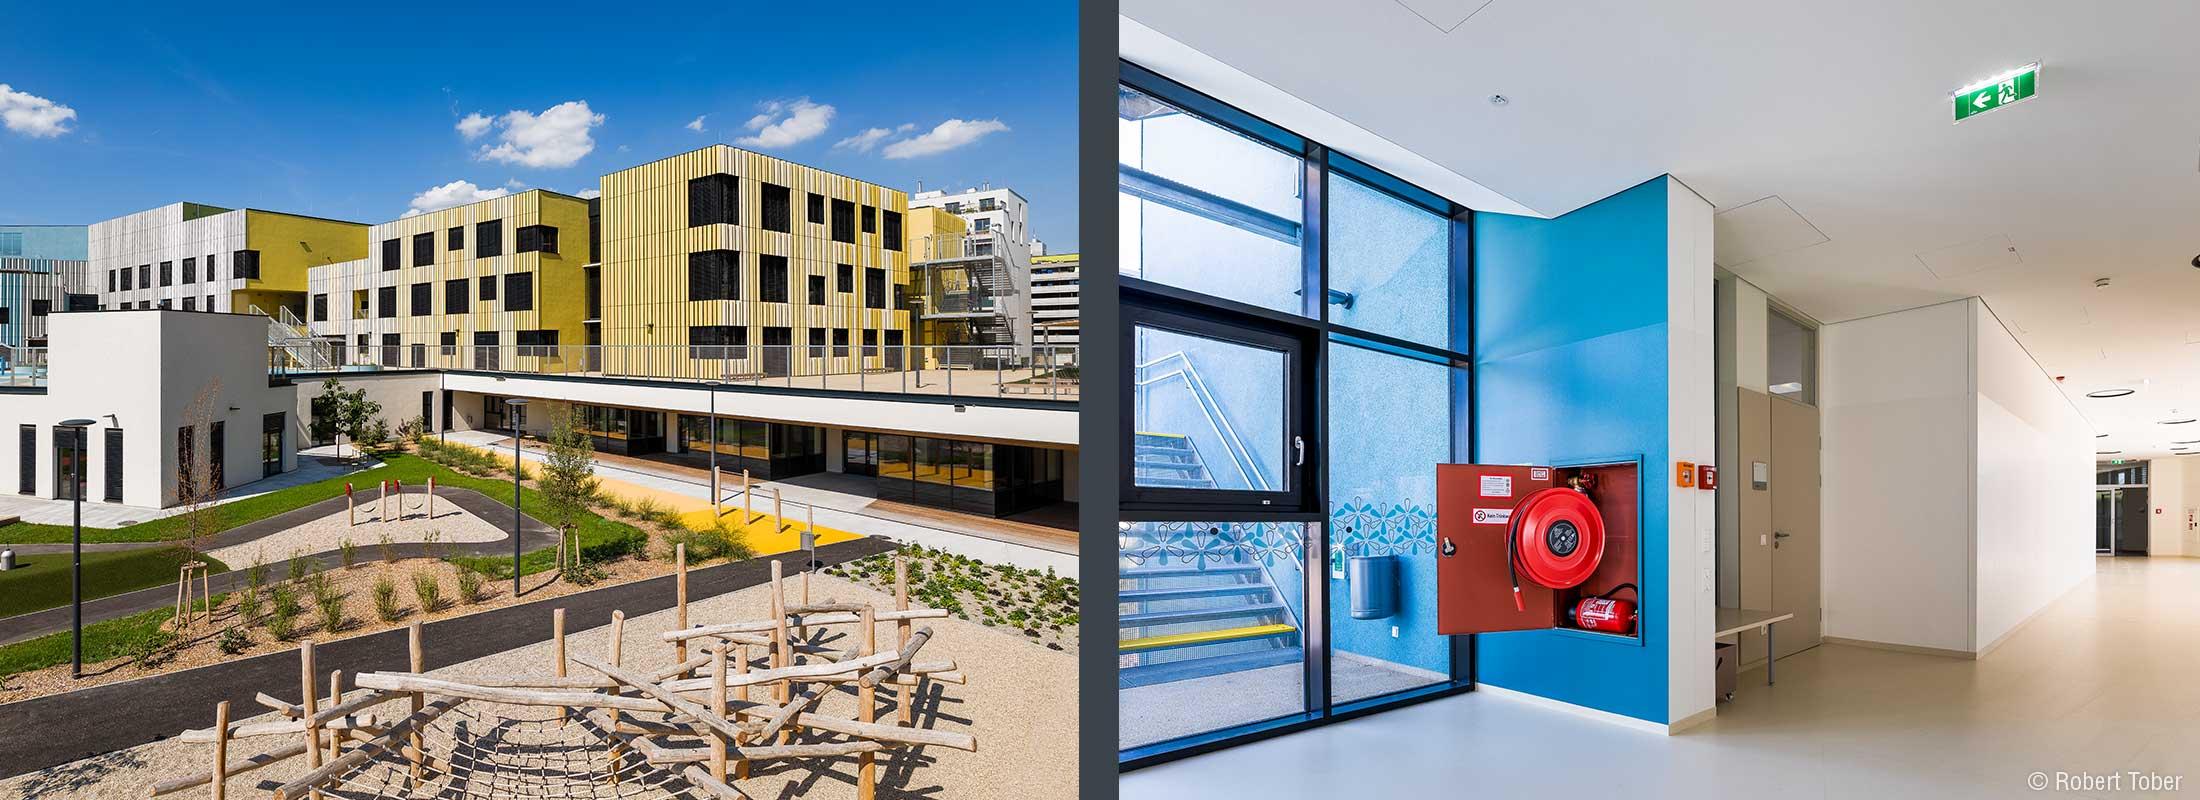 Spielplatz mit Holzklettergerüsten. Wandhydrant, Feuerlöscher und Rauch- und Wärmeabzugsfenster. Christine Nöstlinger Campus Wien. © Robert Tober